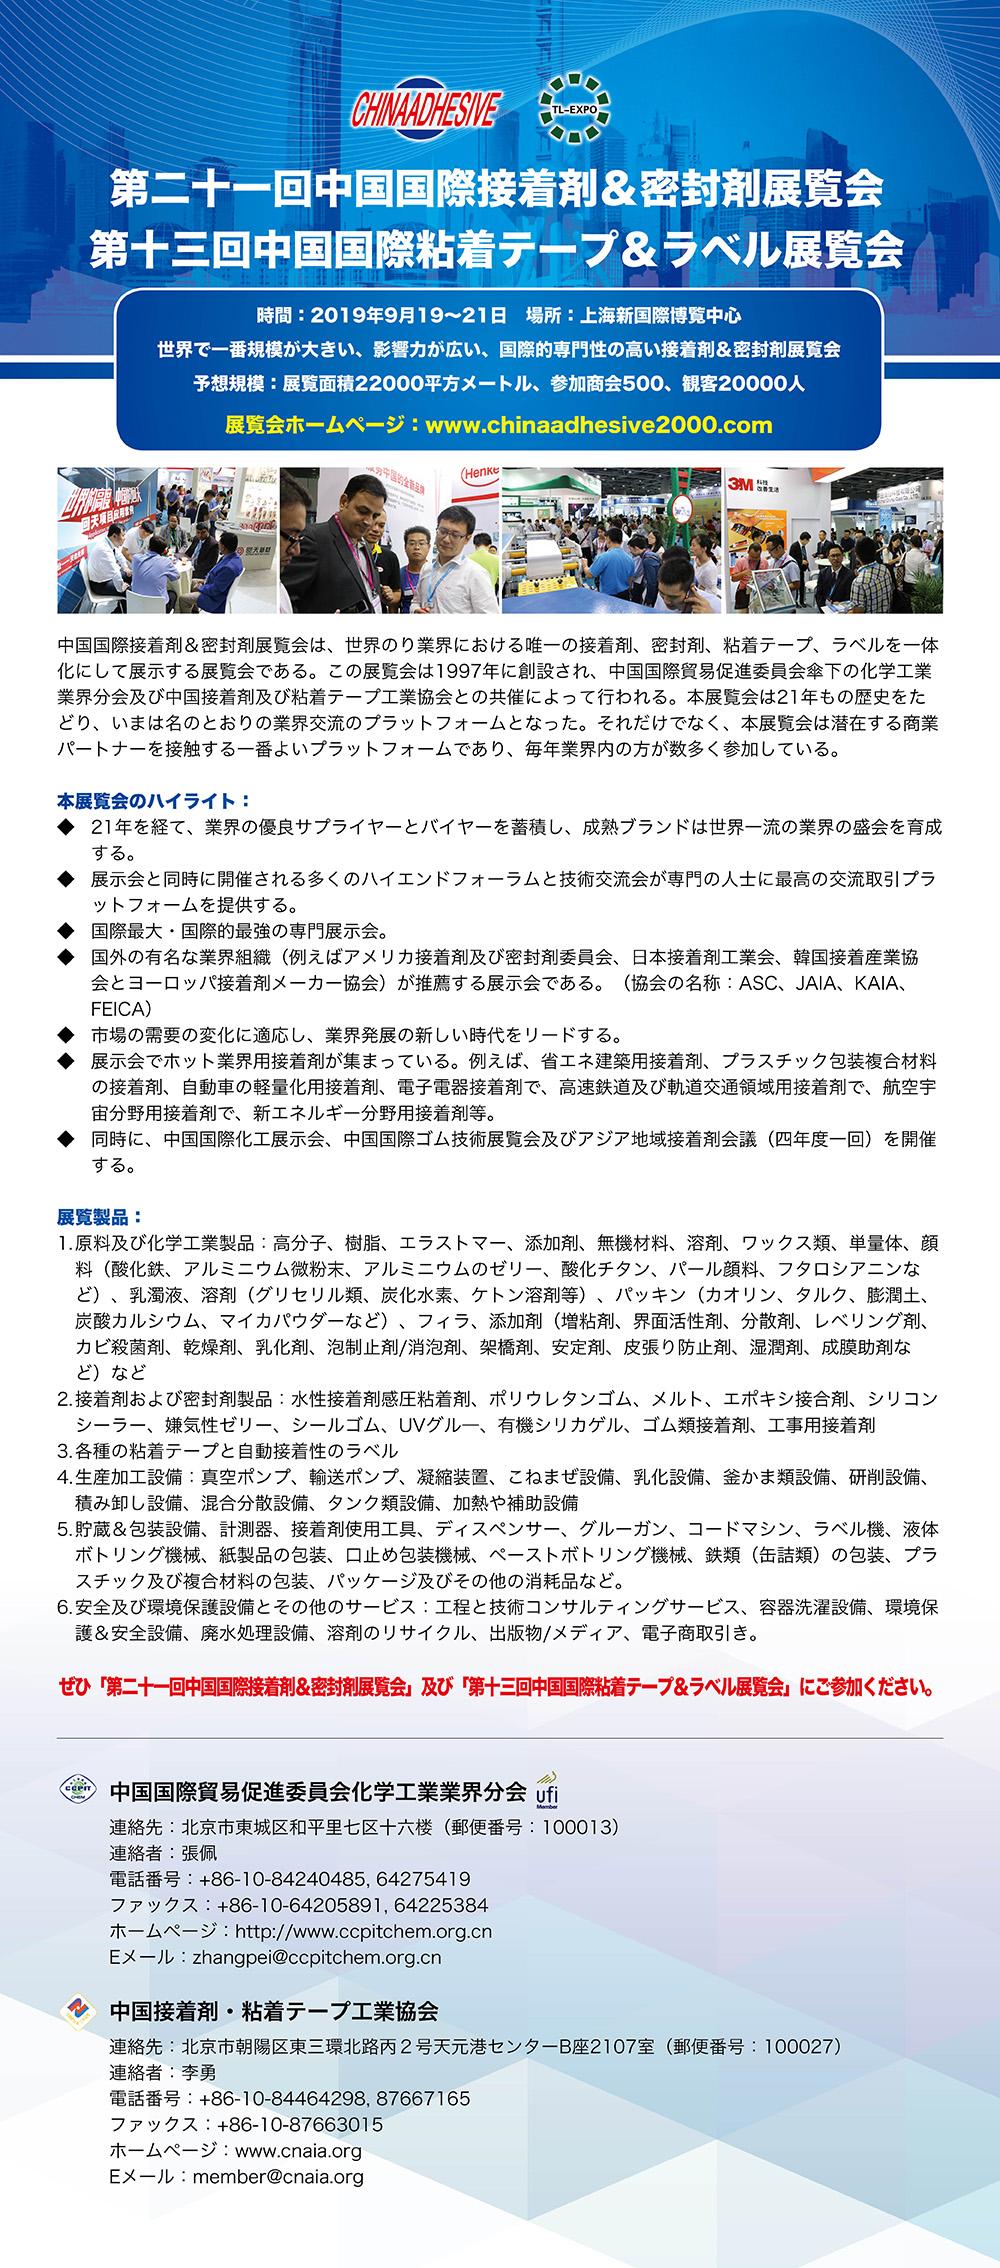 胶粘日语版2.jpg